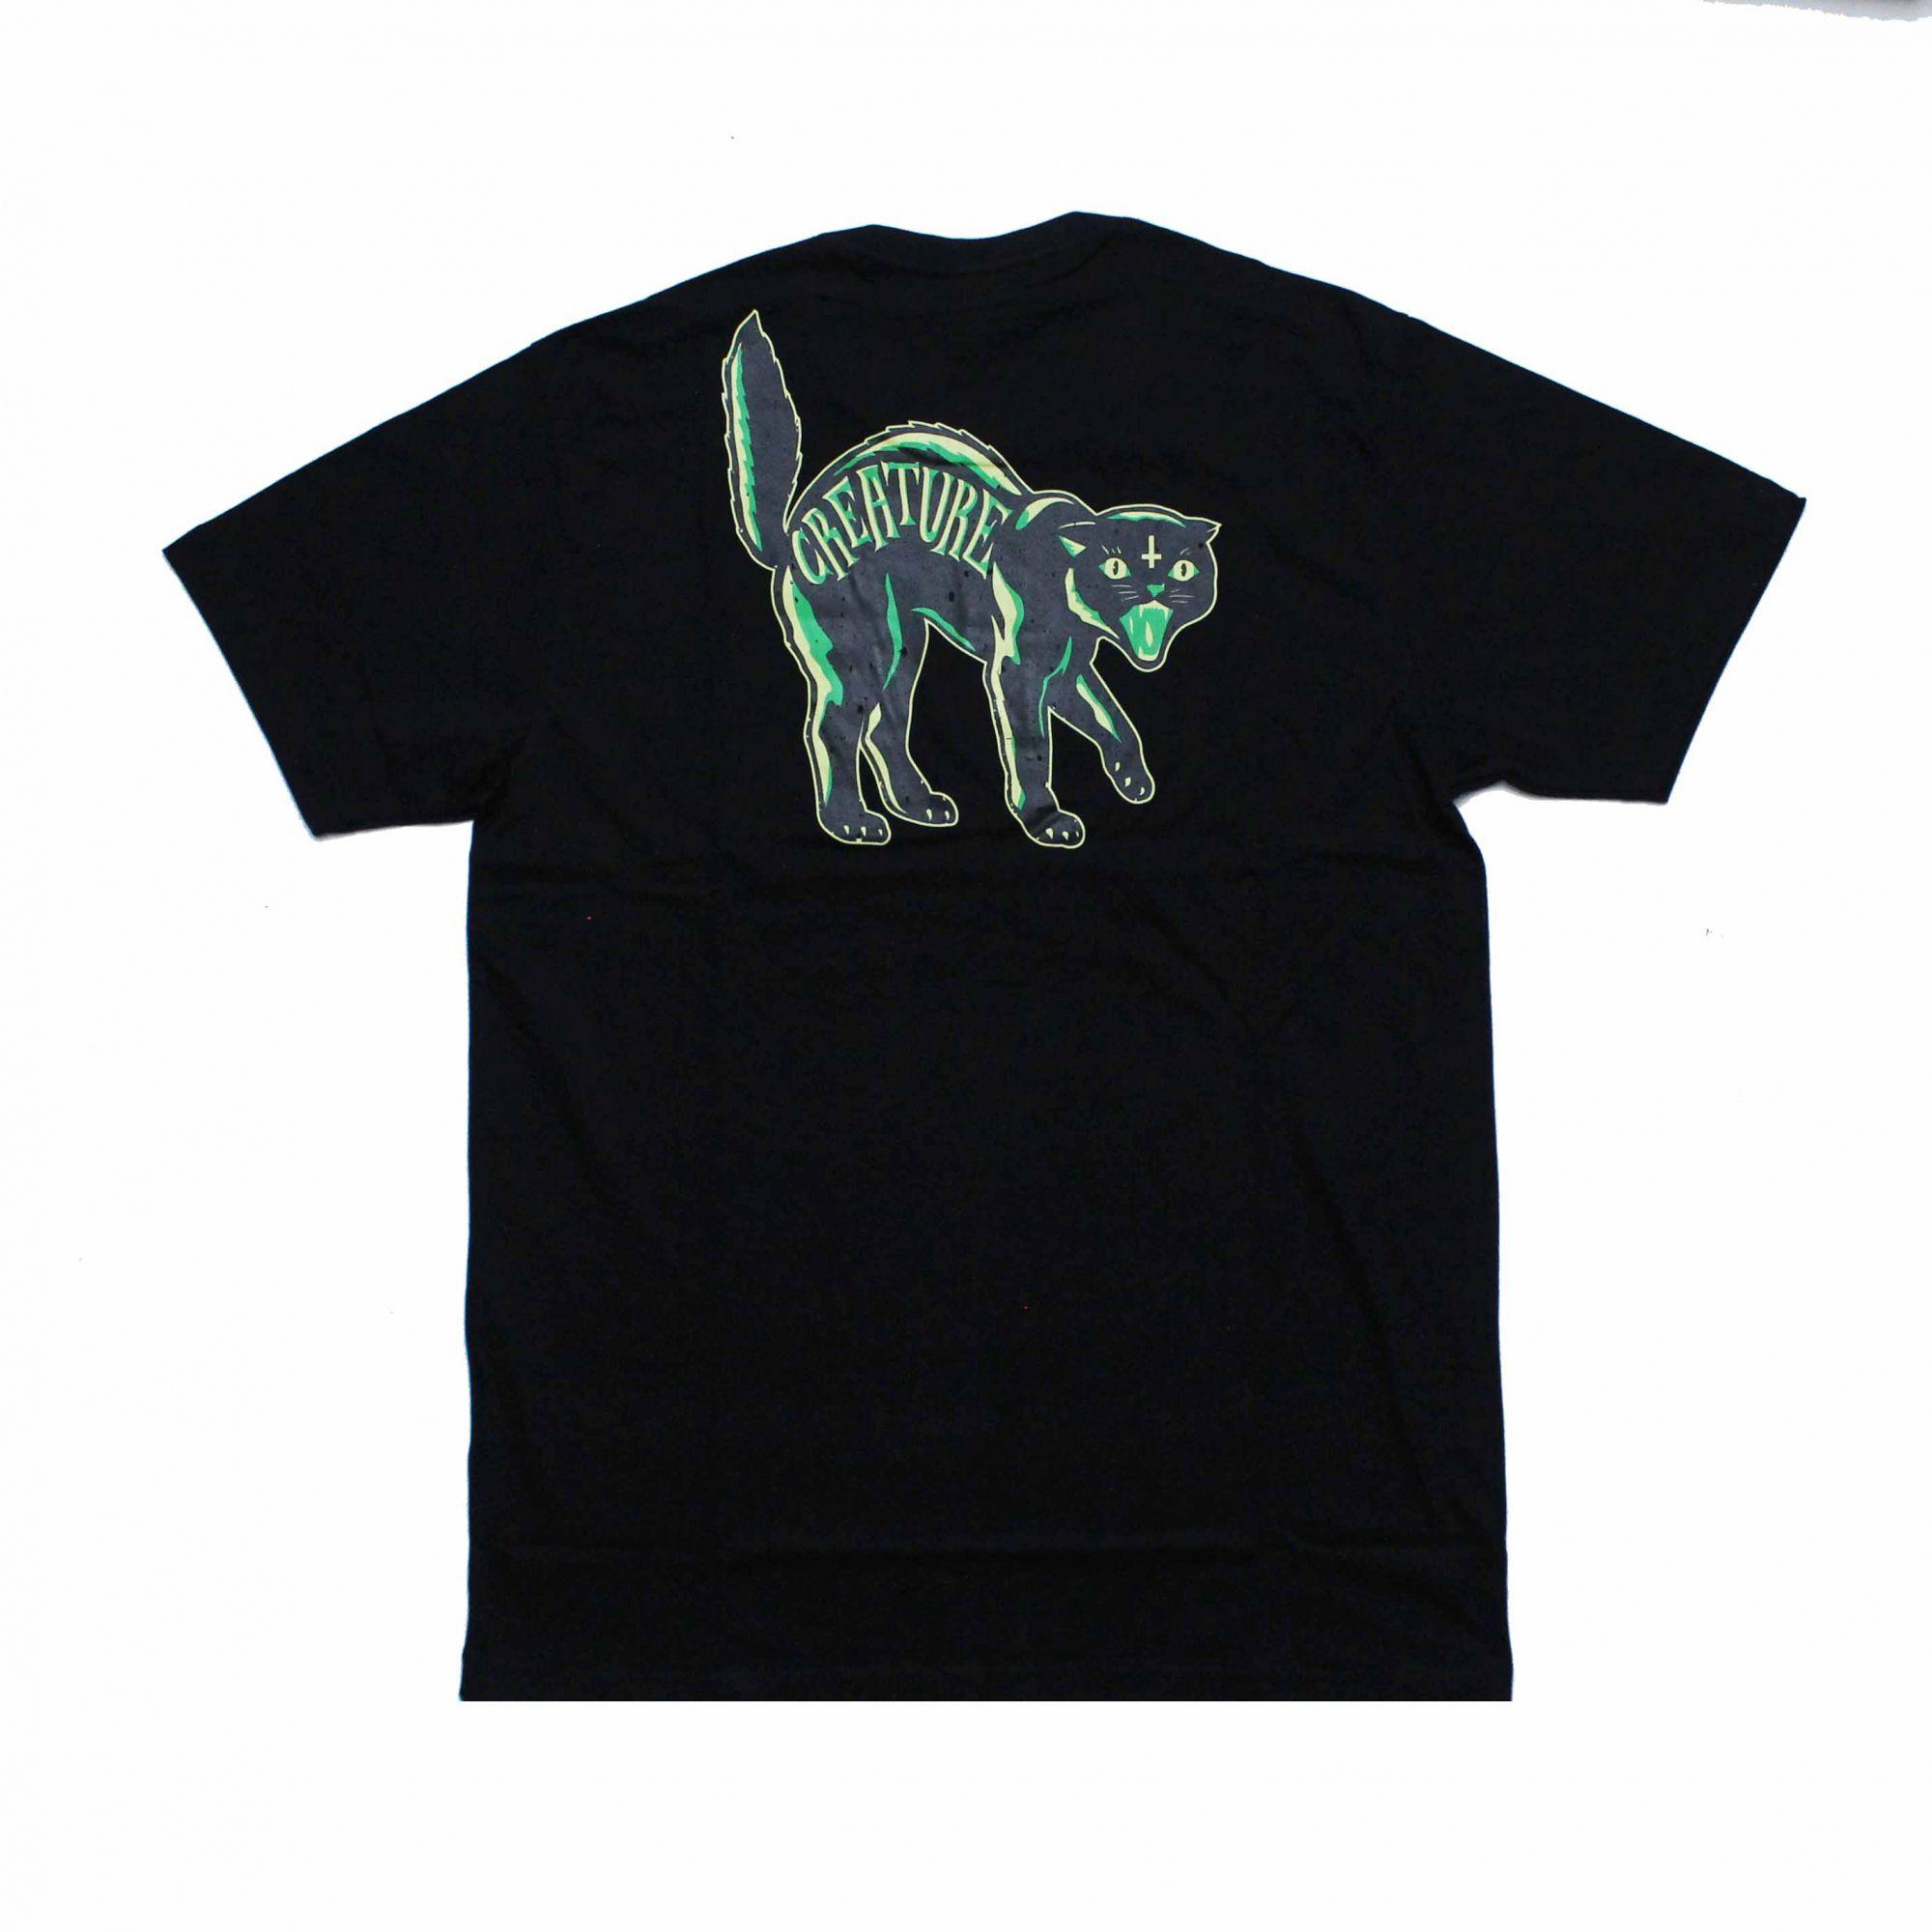 Camiseta Creature Los Gatos Preto